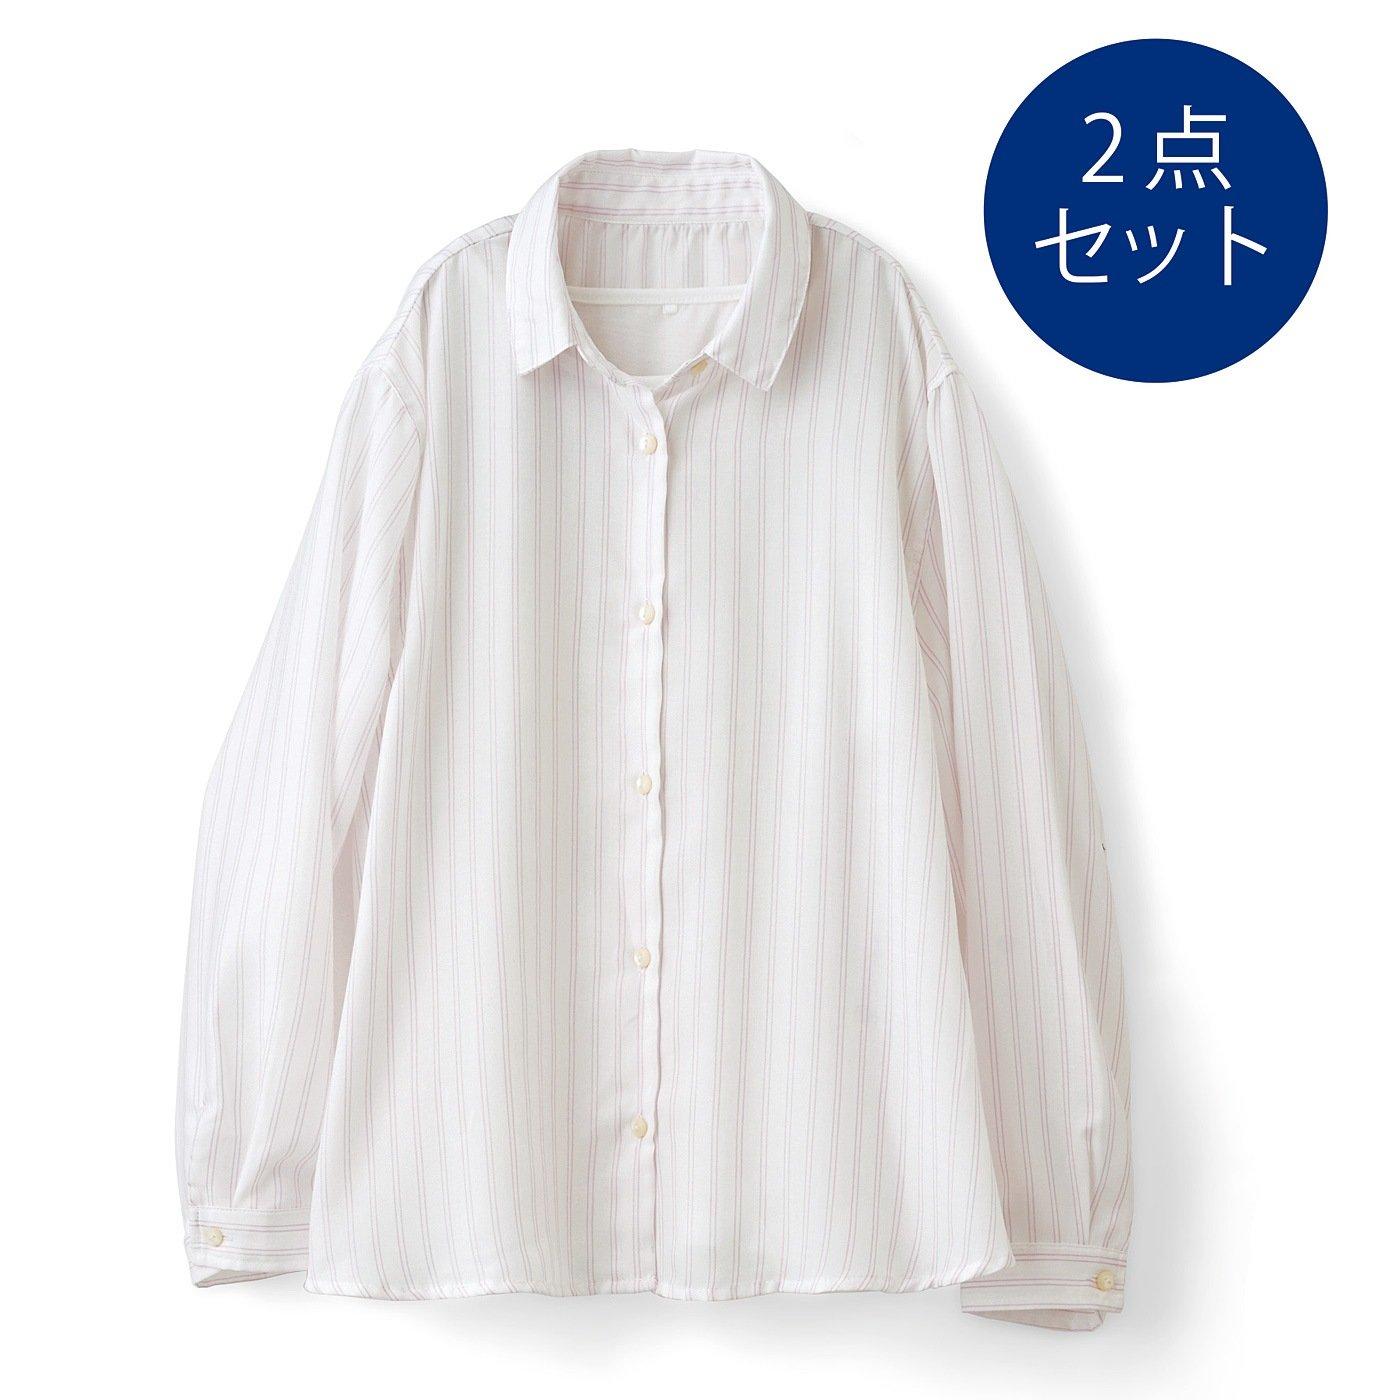 DRECOバイヤーズセレクト ストライプシャツとTシャツのセット〈ホワイト〉